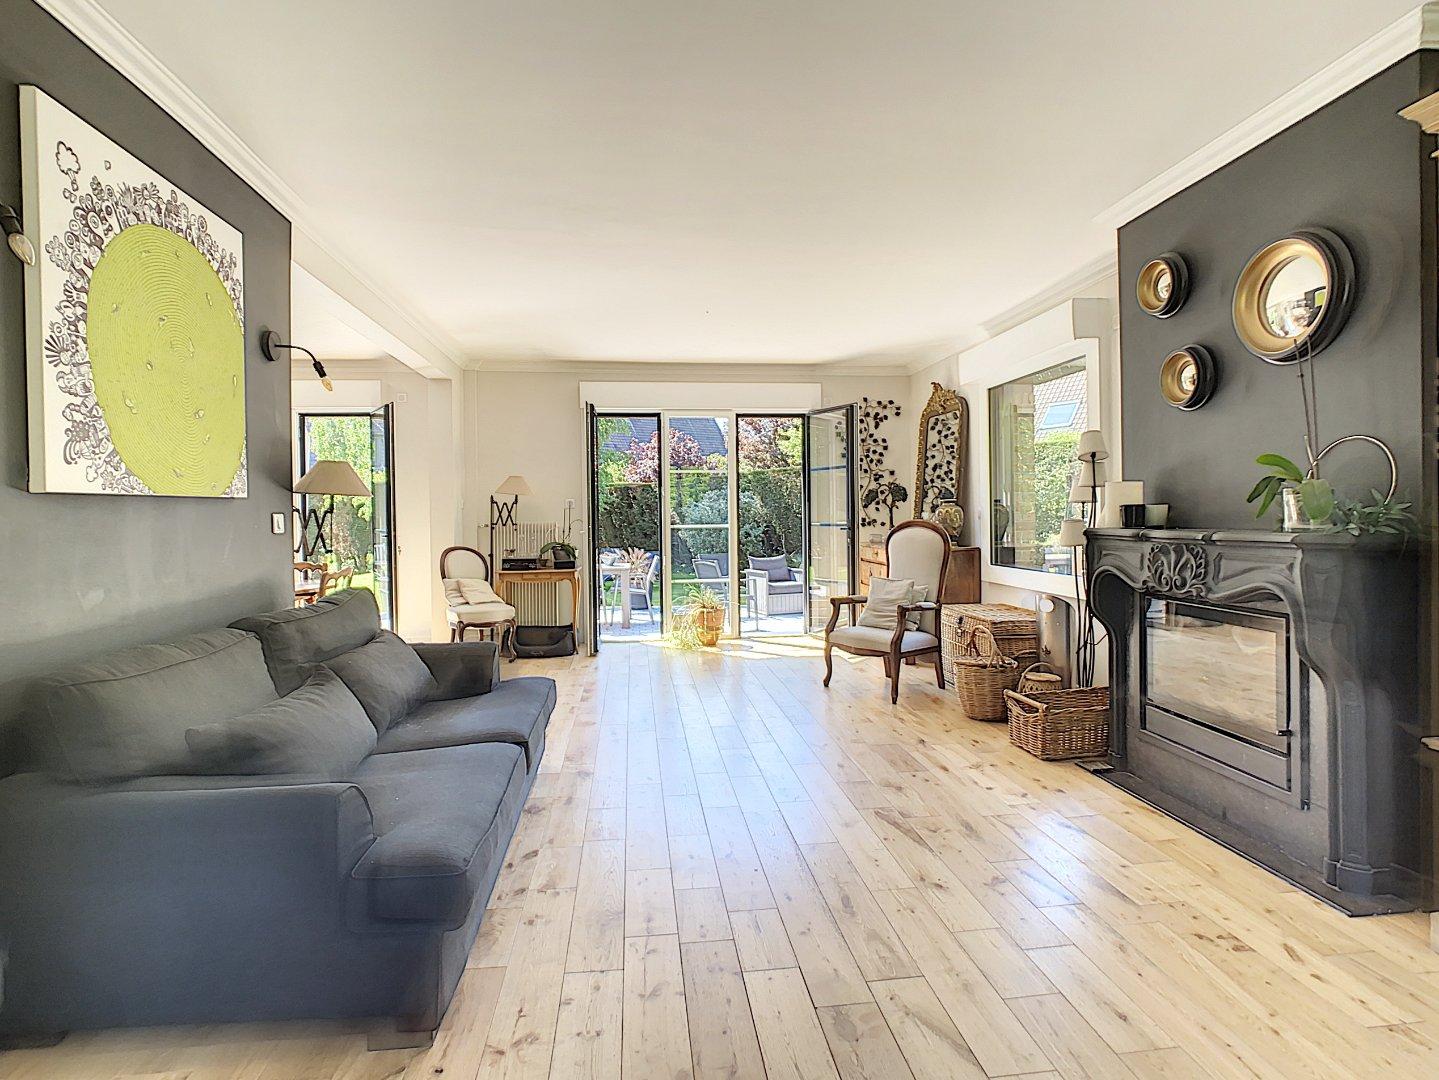 MAISON A VENDRE - LAMBERSART - 185 m2 - Prix : nous consulter